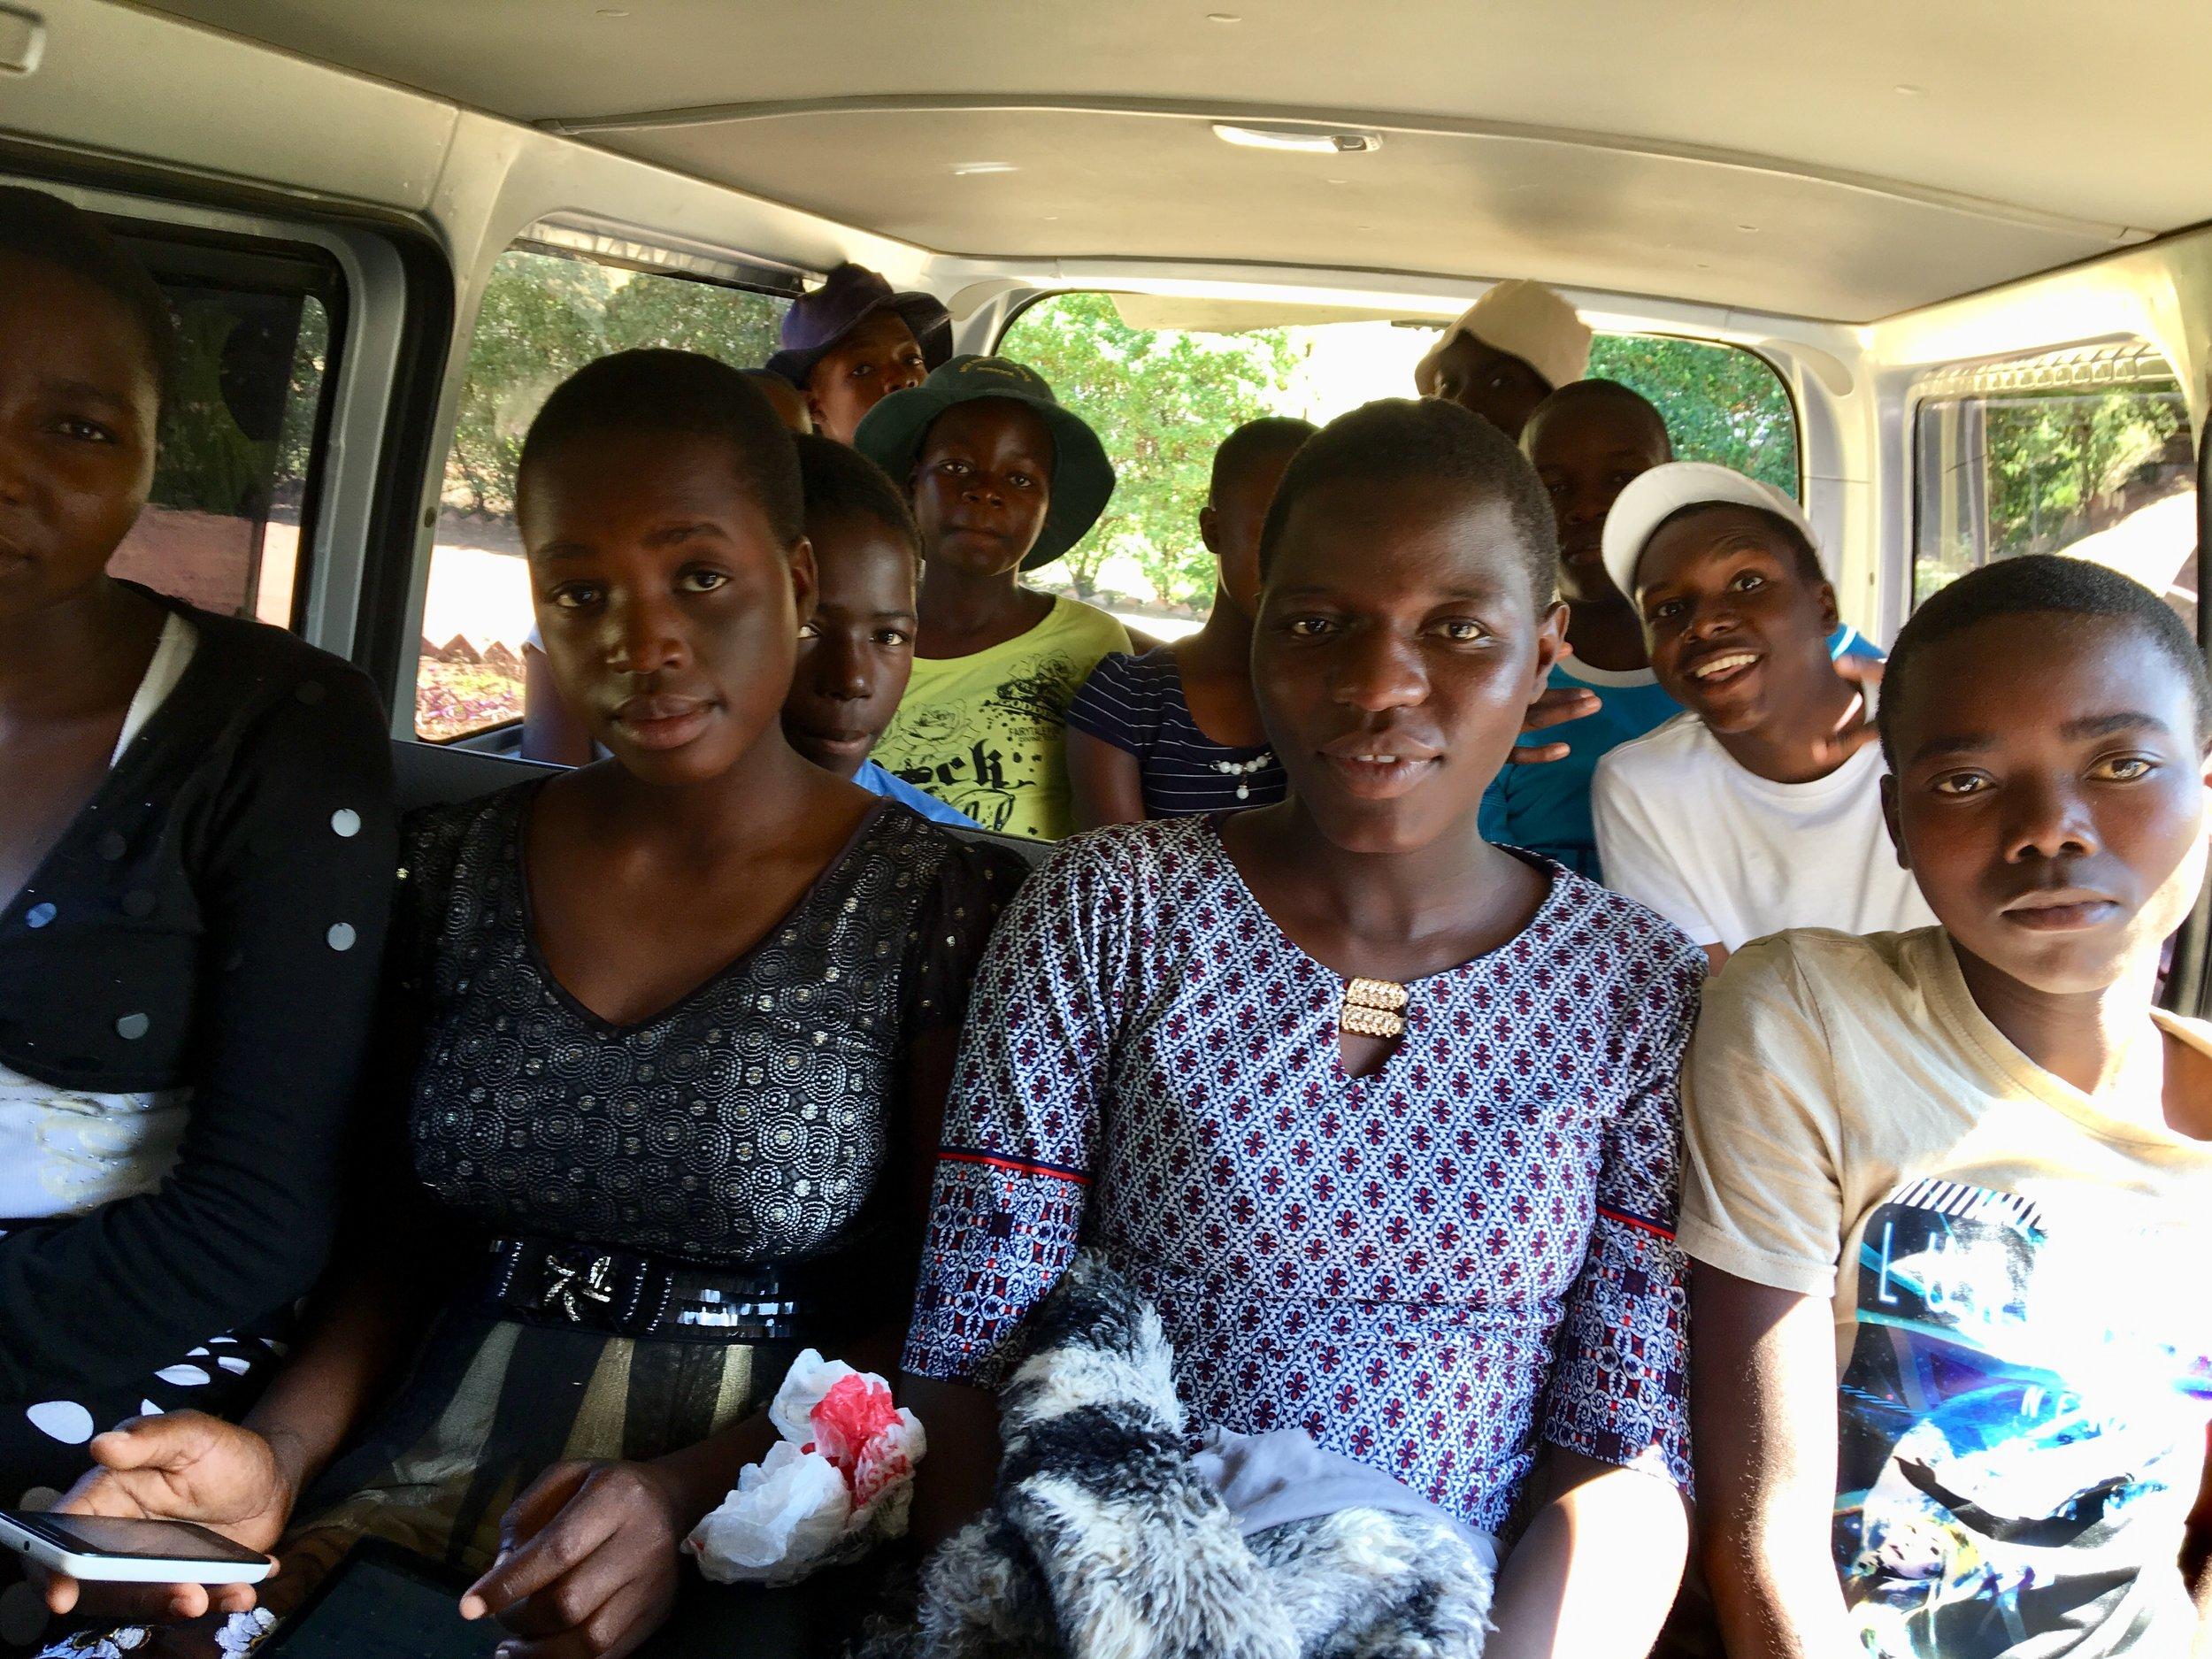 a full van en route to a big adventure!